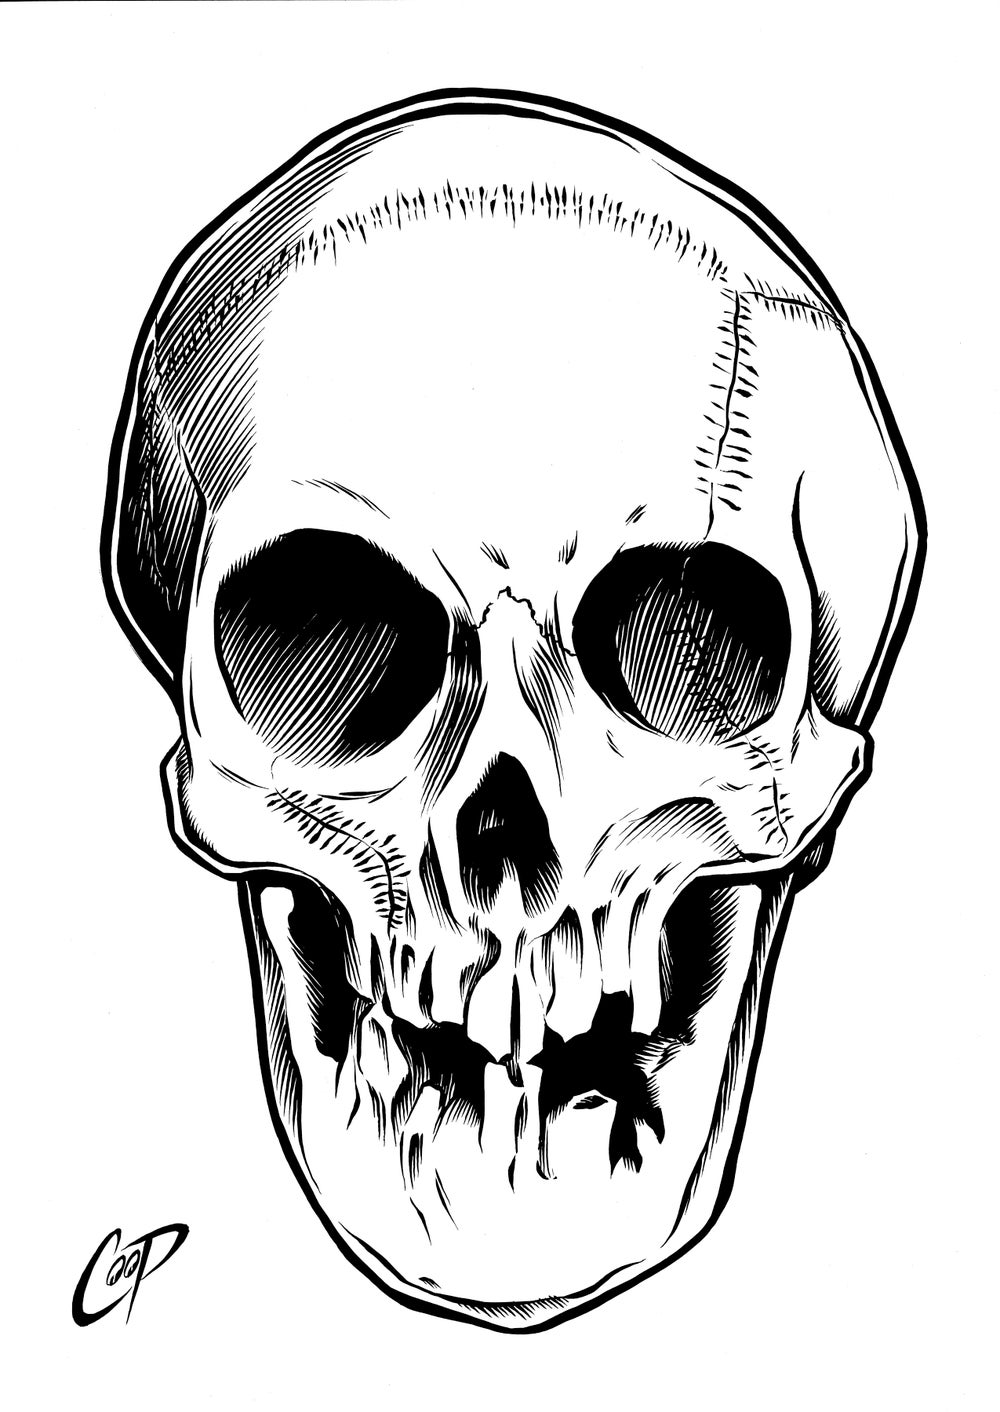 Image of PIRATE SKULL original art